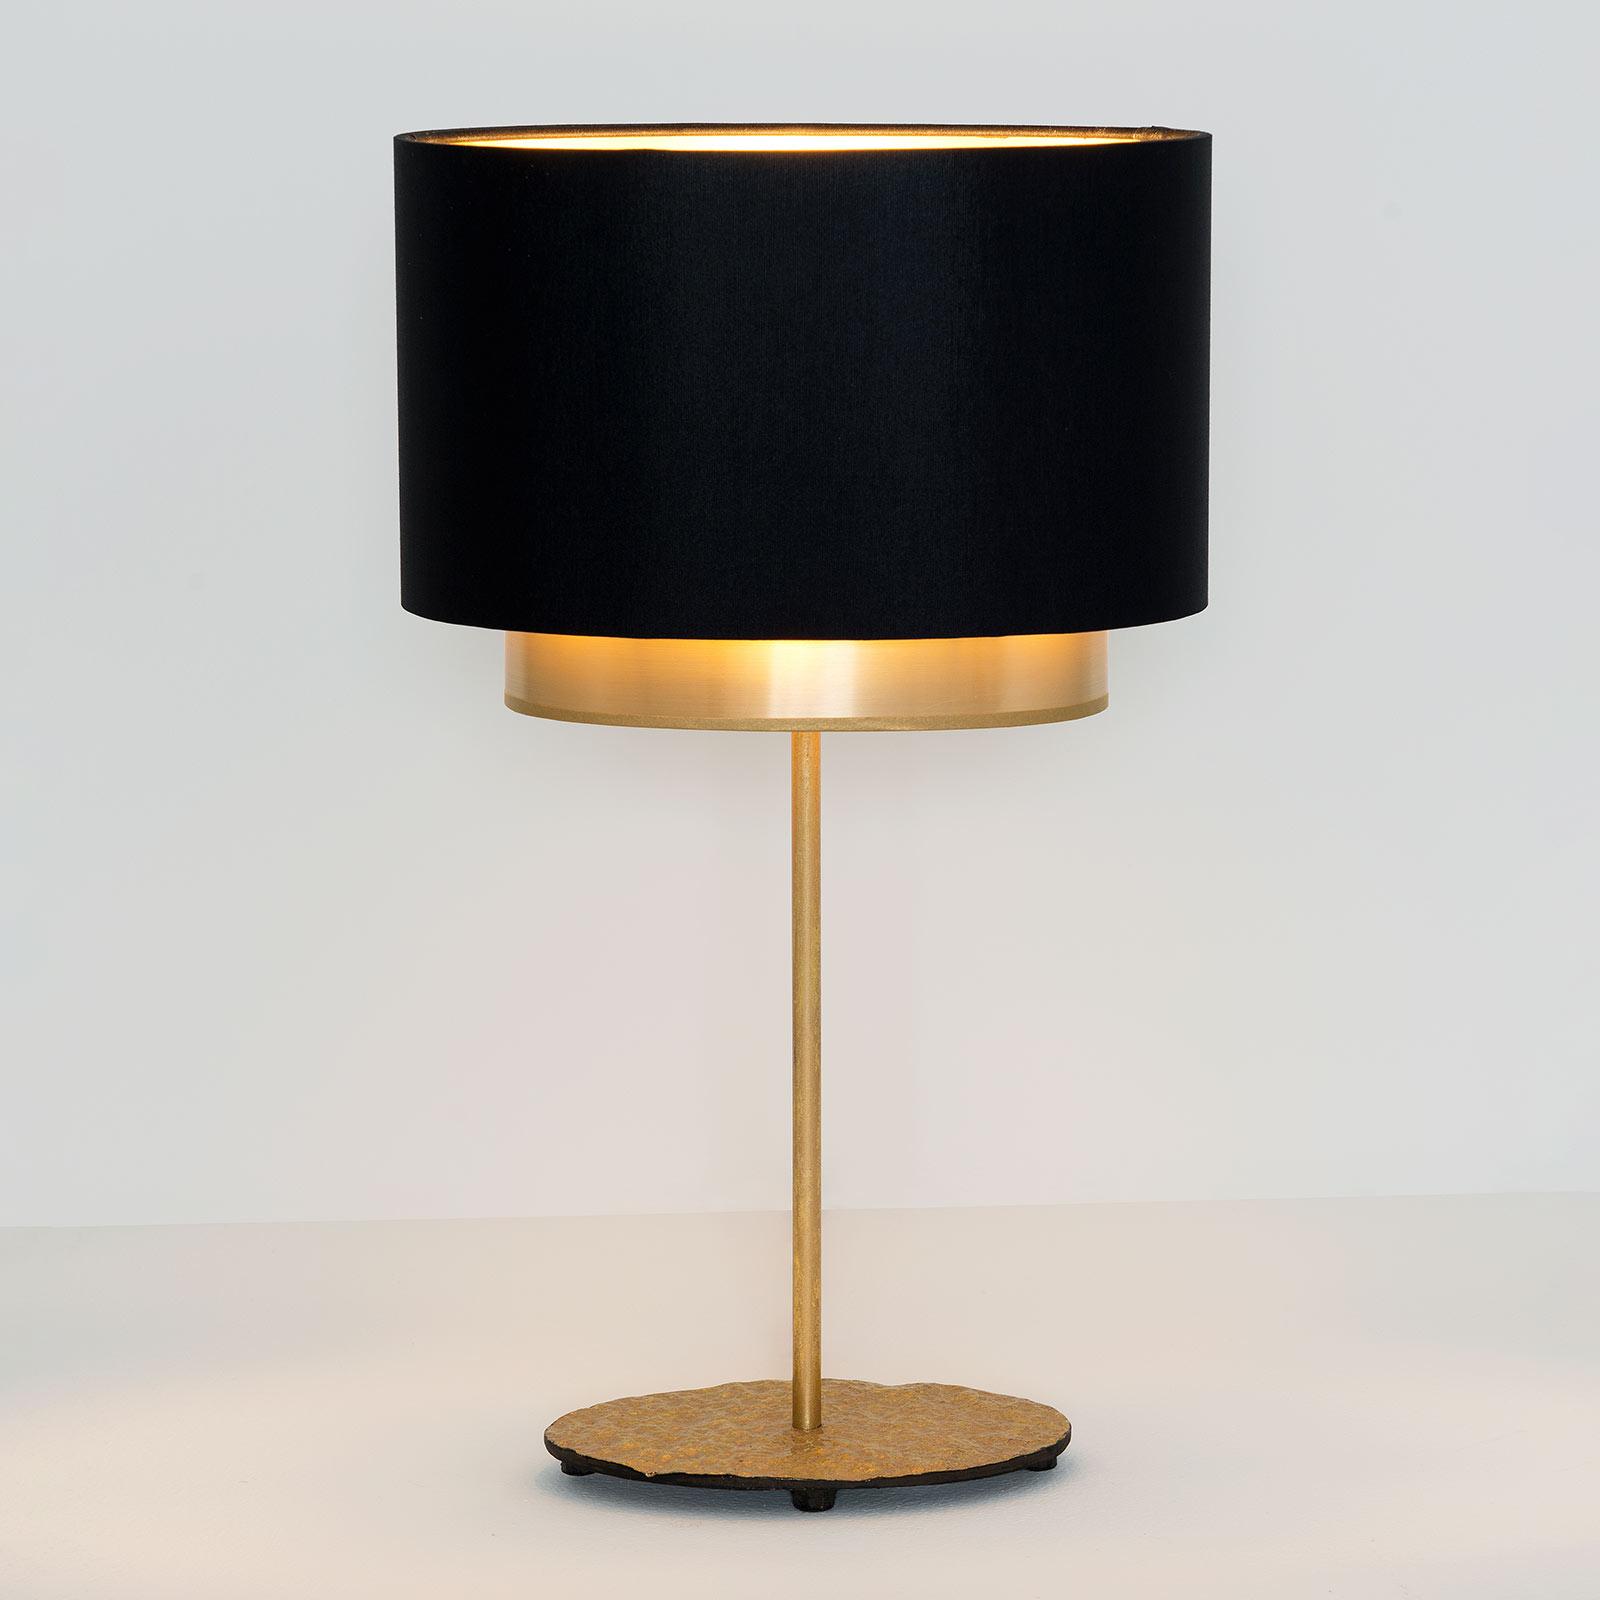 Tischleuchte Mattia, oval, doppelt, schwarz/gold